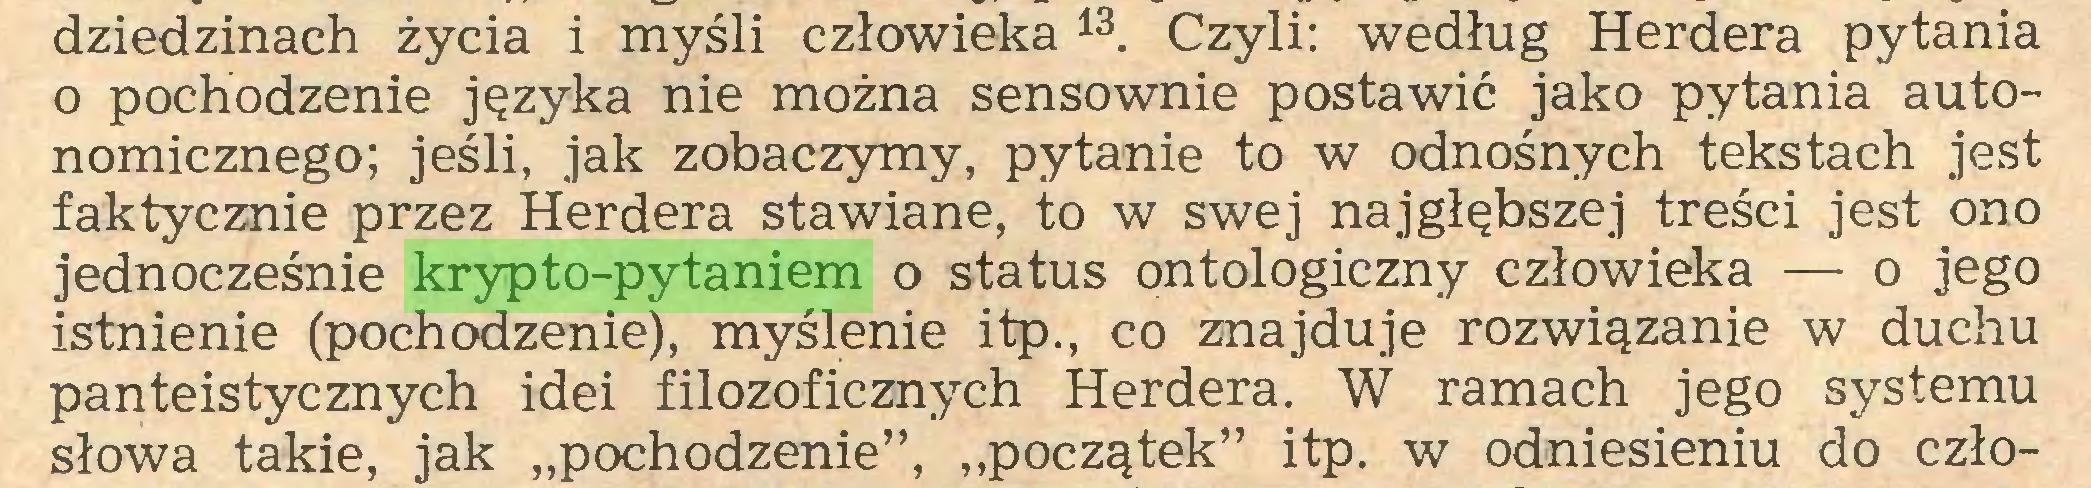 """(...) dziedzinach życia i myśli człowieka13. Czyli: według Herdera pytania o pochodzenie języka nie można sensownie postawić jako pytania autonomicznego; jeśli, jak zobaczymy, pytanie to w odnośnych tekstach jest faktycznie przez Herdera stawiane, to w swej najgłębszej treści jest ono jednocześnie krypto-pytaniem o status ontologiczny człowieka — o jego istnienie (pochodzenie), myślenie itp., co znajduje rozwiązanie w duchu panteistycznych idei filozoficznych Herdera. W ramach jego systemu słowa takie, jak """"pochodzenie"""", """"początek"""" itp. w odniesieniu do czło..."""